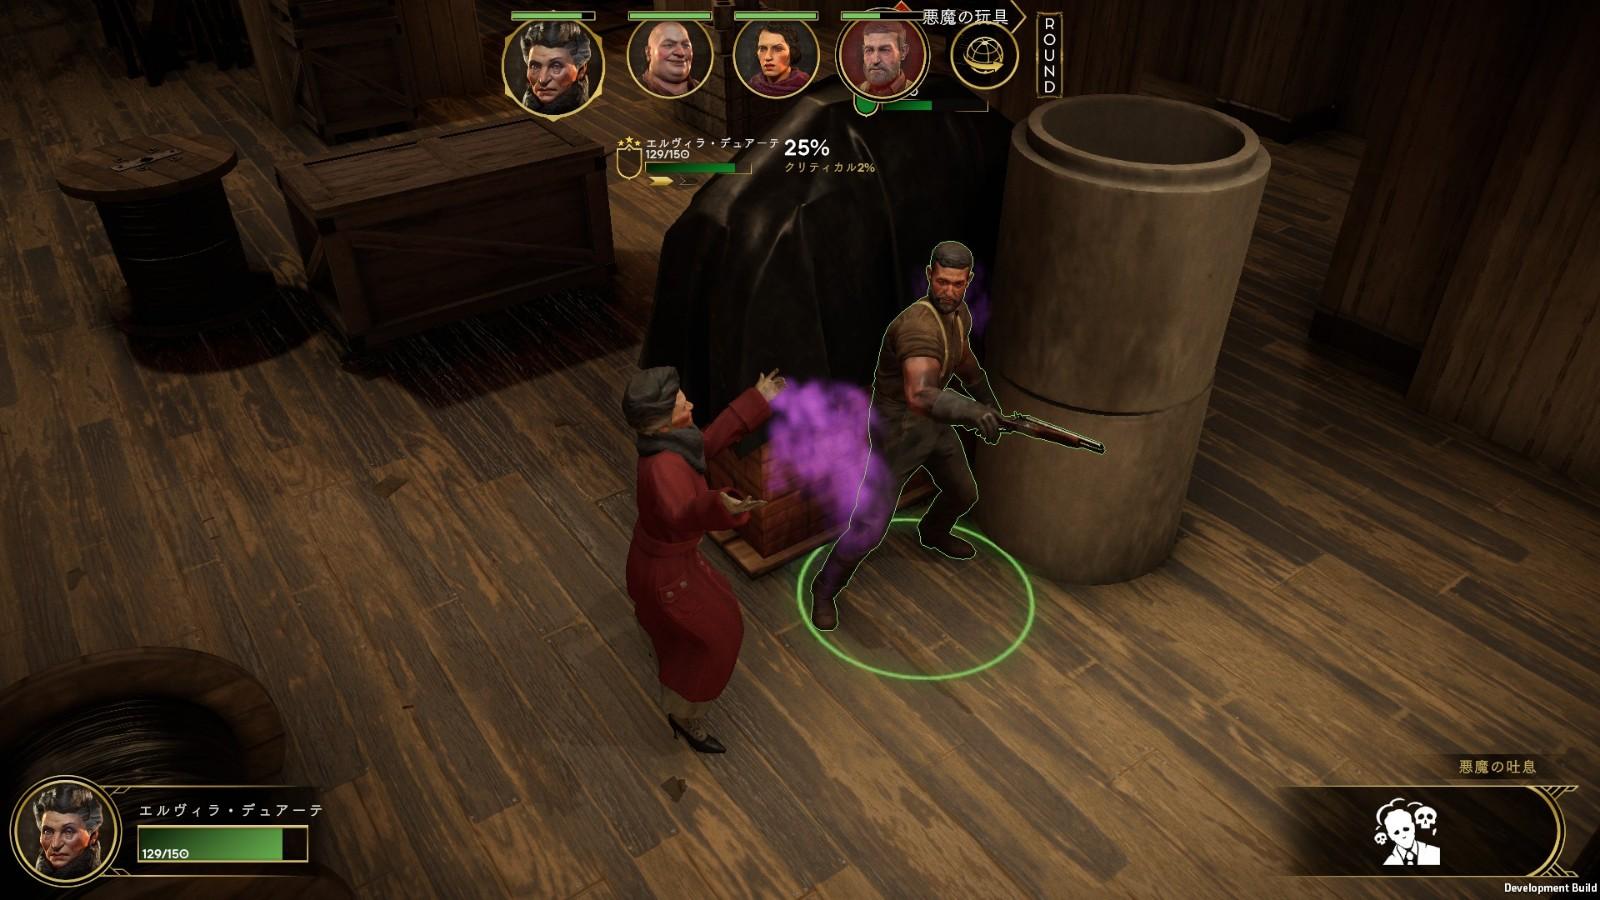 《罪恶帝国》游戏信息第6波 艾薇拉、弗兰克及派系战争介绍